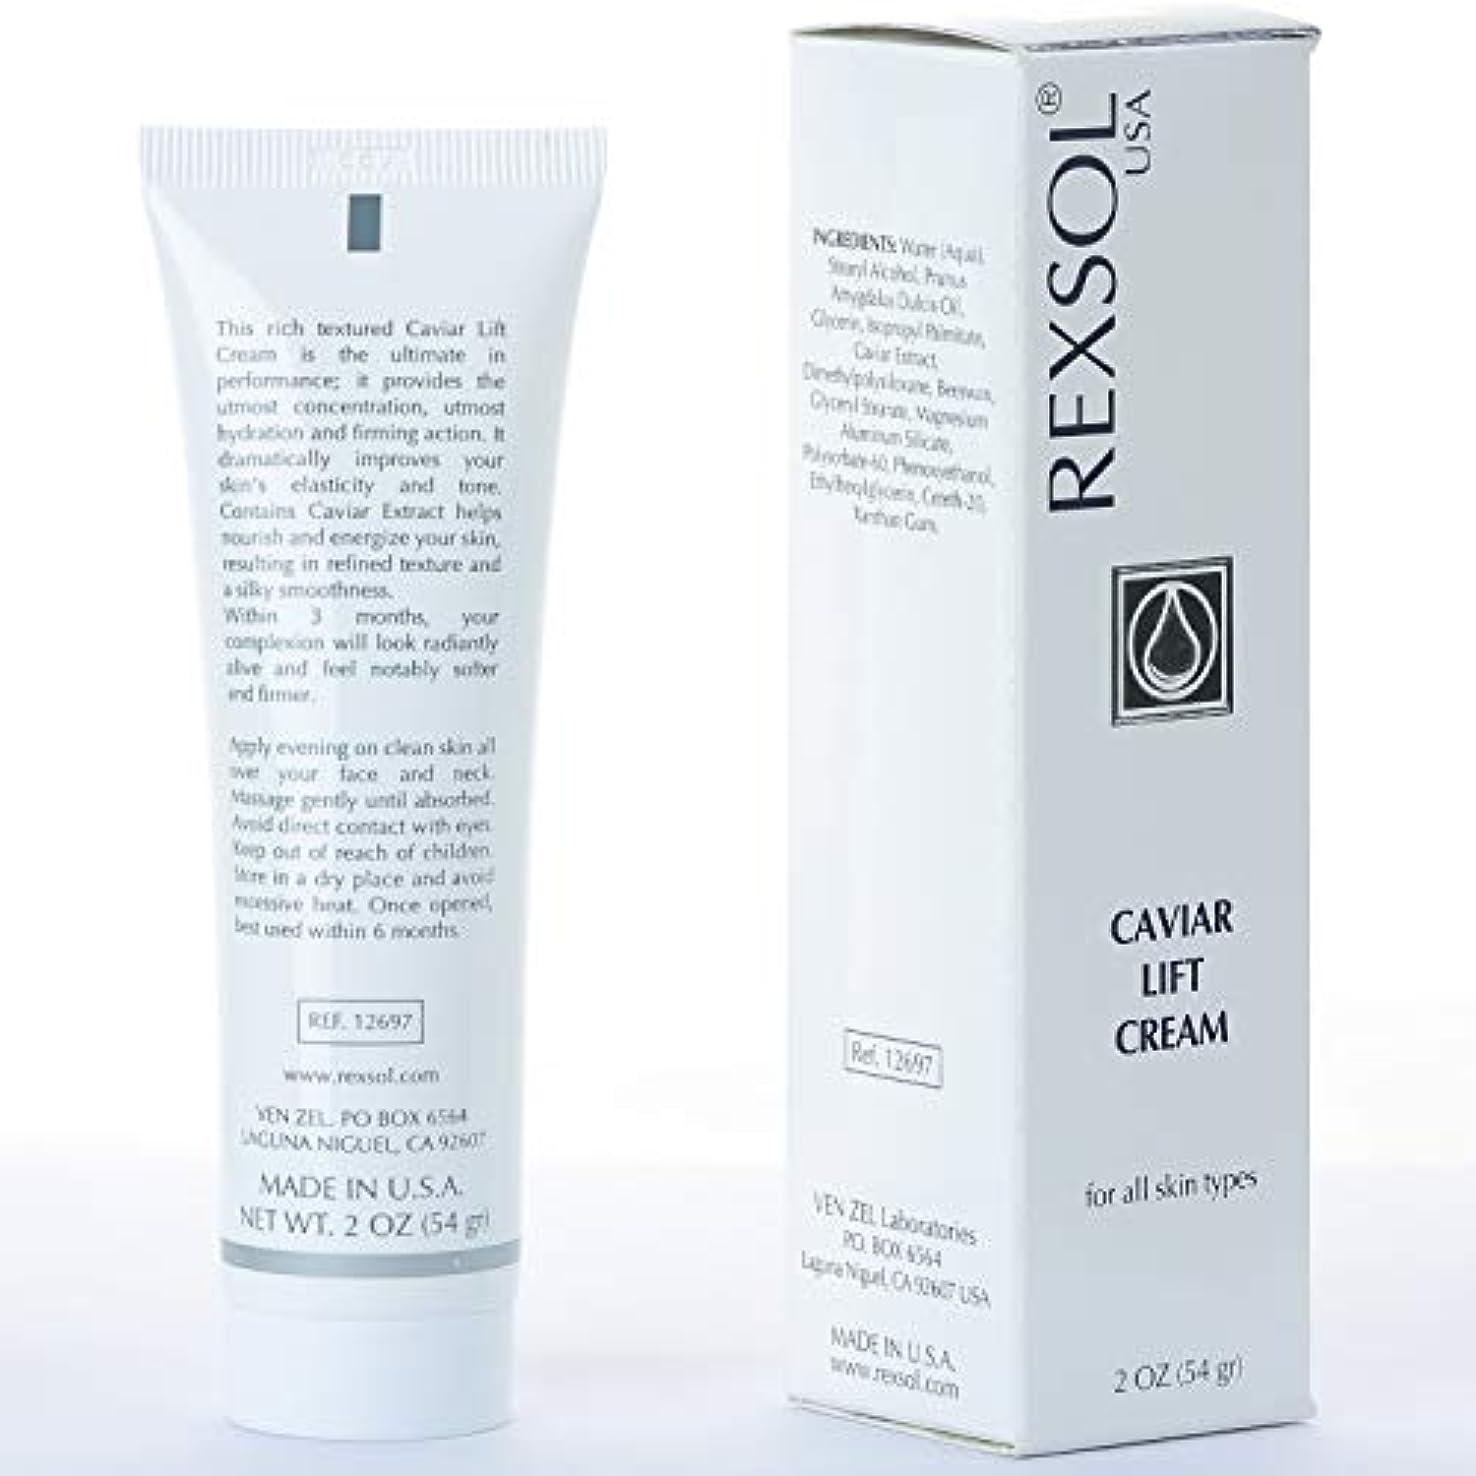 少年飾り羽太鼓腹REXSOL Caviar Lift Cream | Contains Prunus Amygdalus Dulcis Oil, Glycerin, Beeswax & Caviar Extract | あなたの肌の弾力...